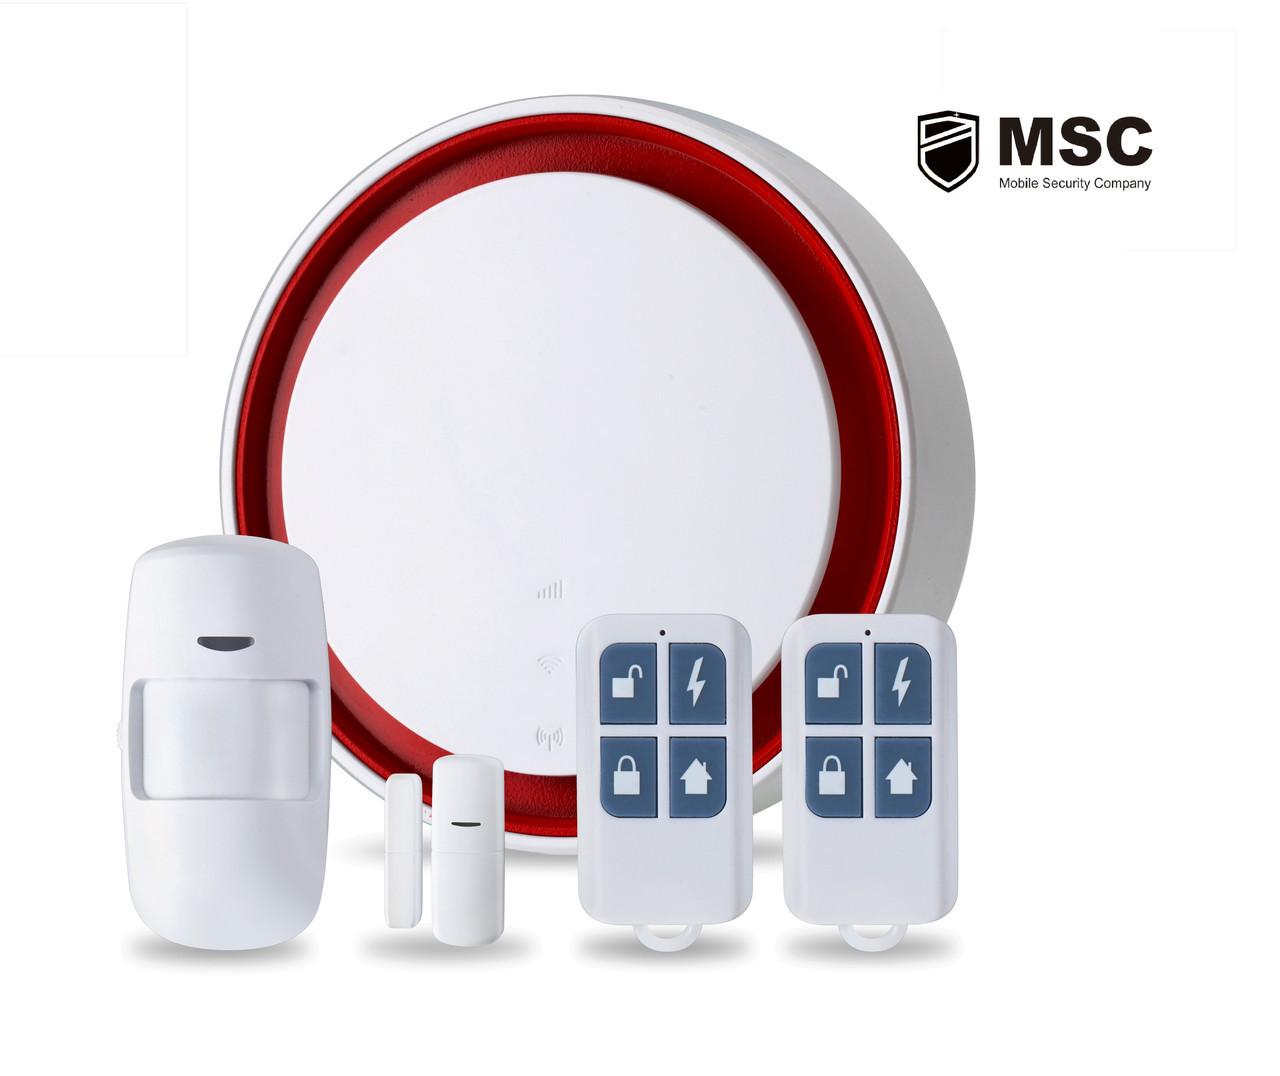 Комплект Wi-Fi GSM сигнализации с функцией Умного Дома